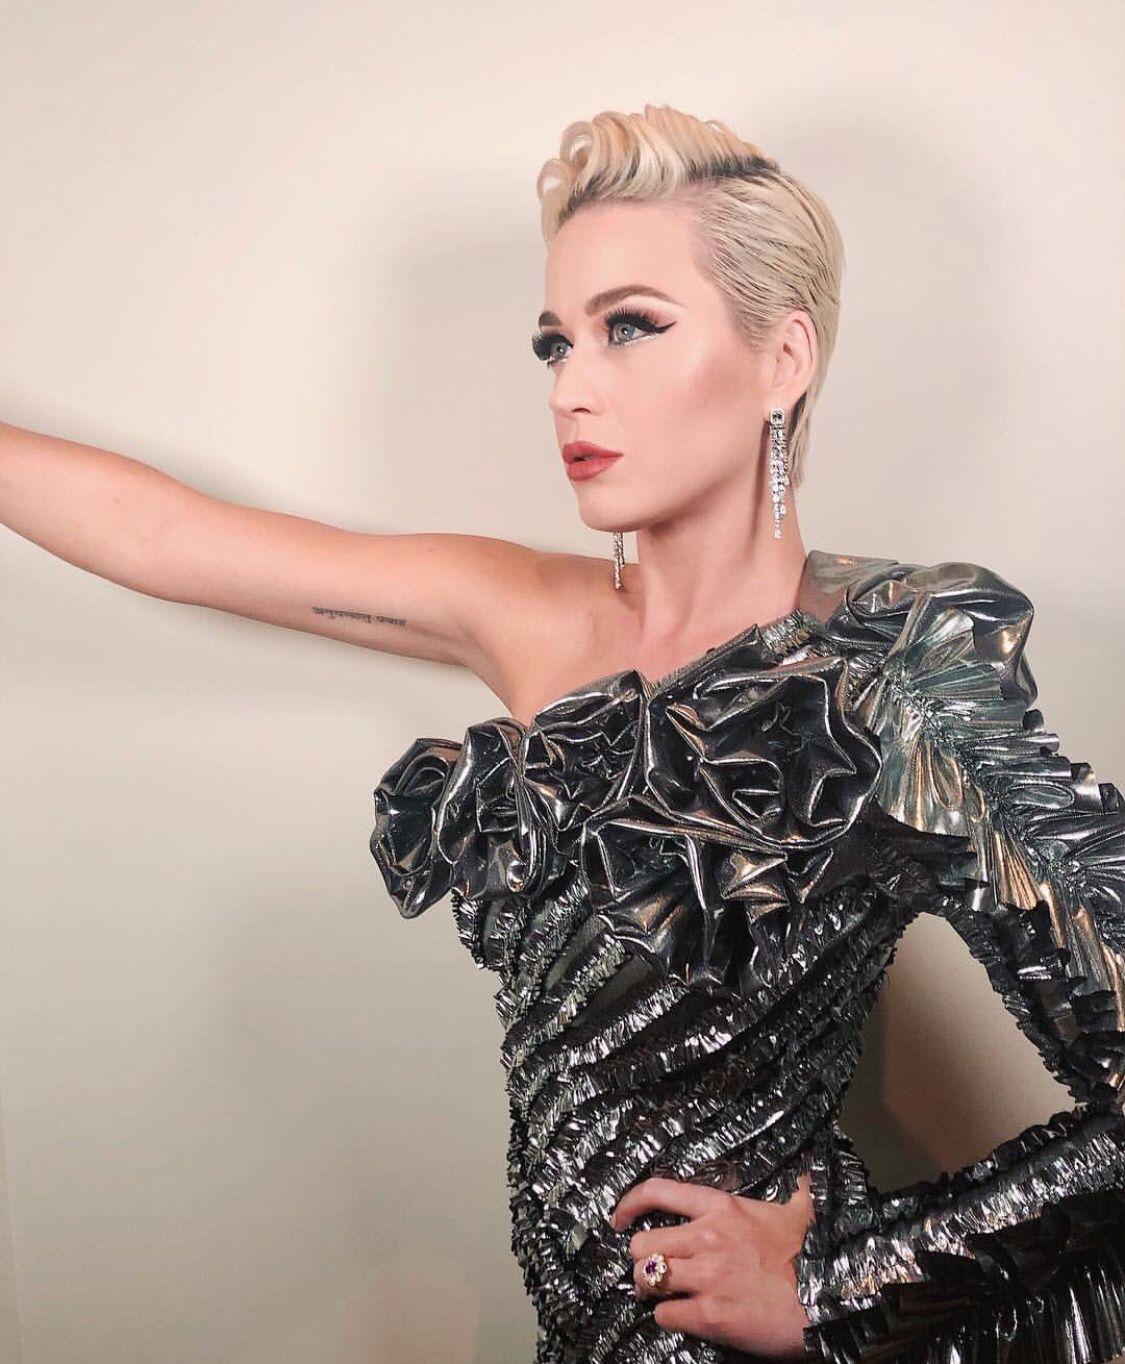 katyperry Cambios de look, Celebridades, Glamour